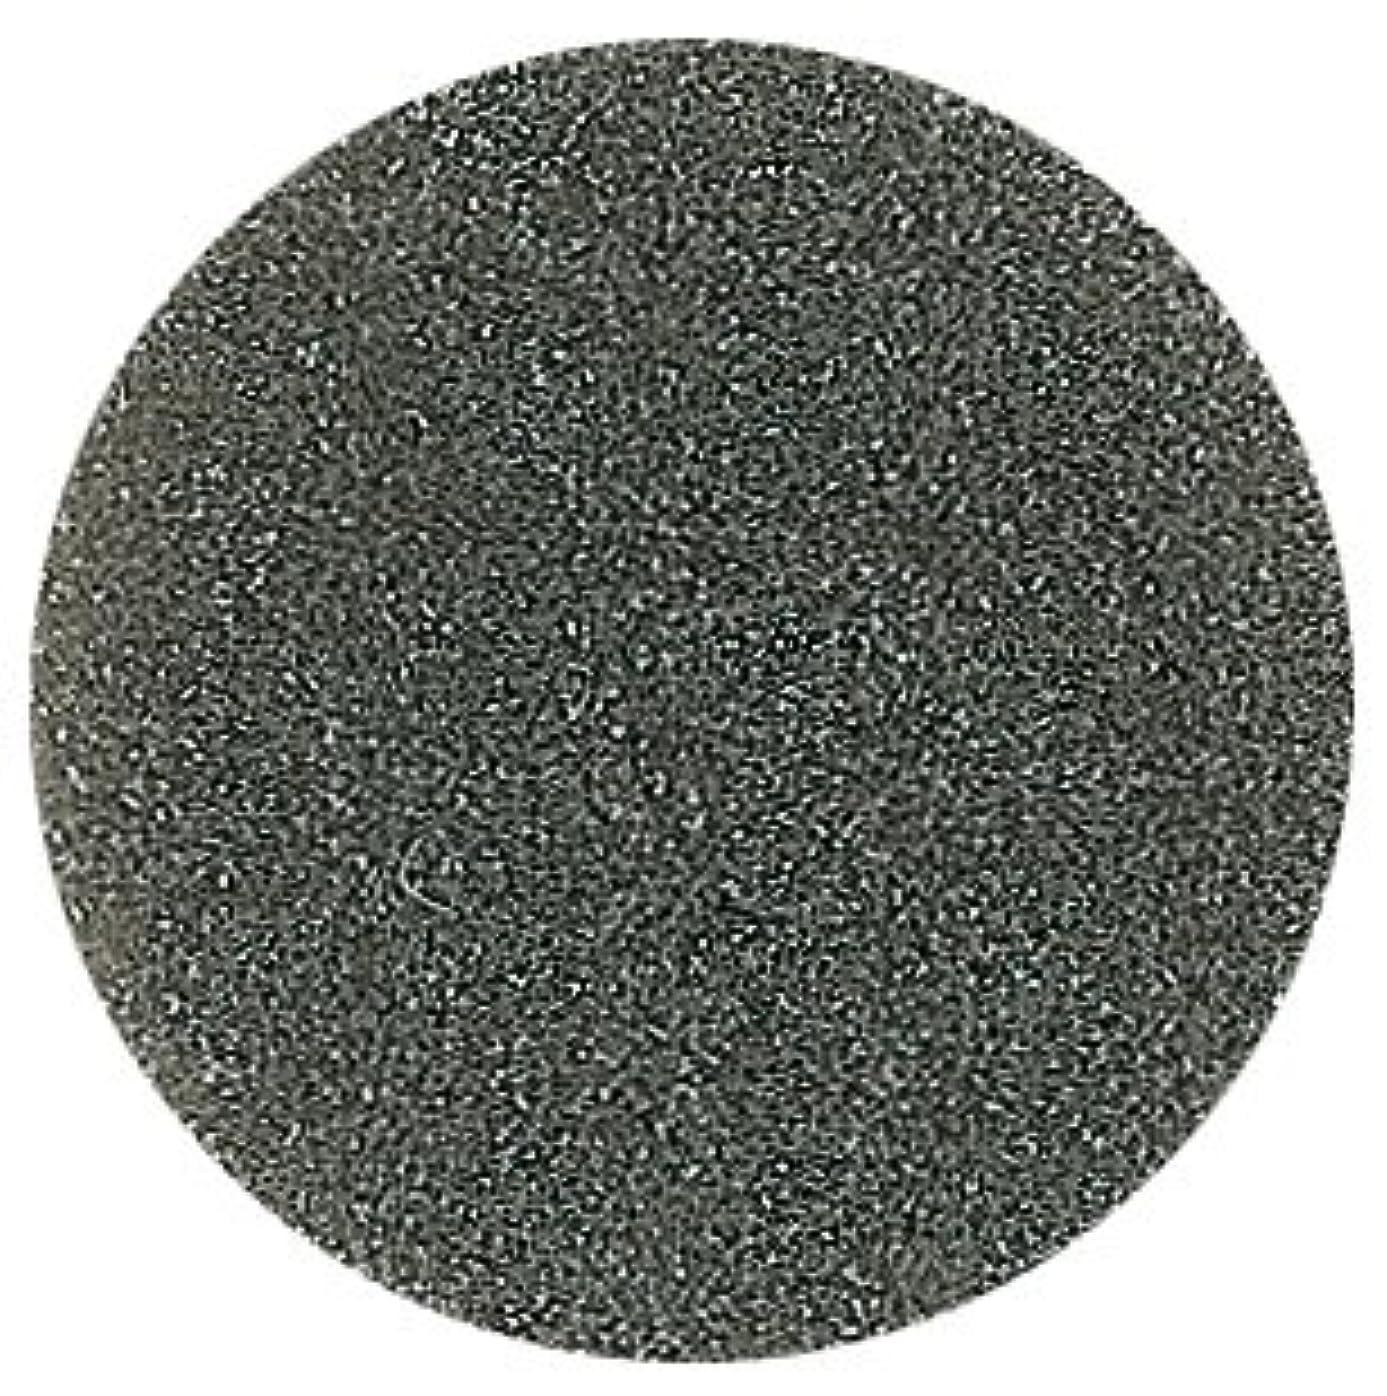 類似性科学的デッドアクセンツ UV/LEDオプションズカラーズ UL 813 アイスチャコール 4g